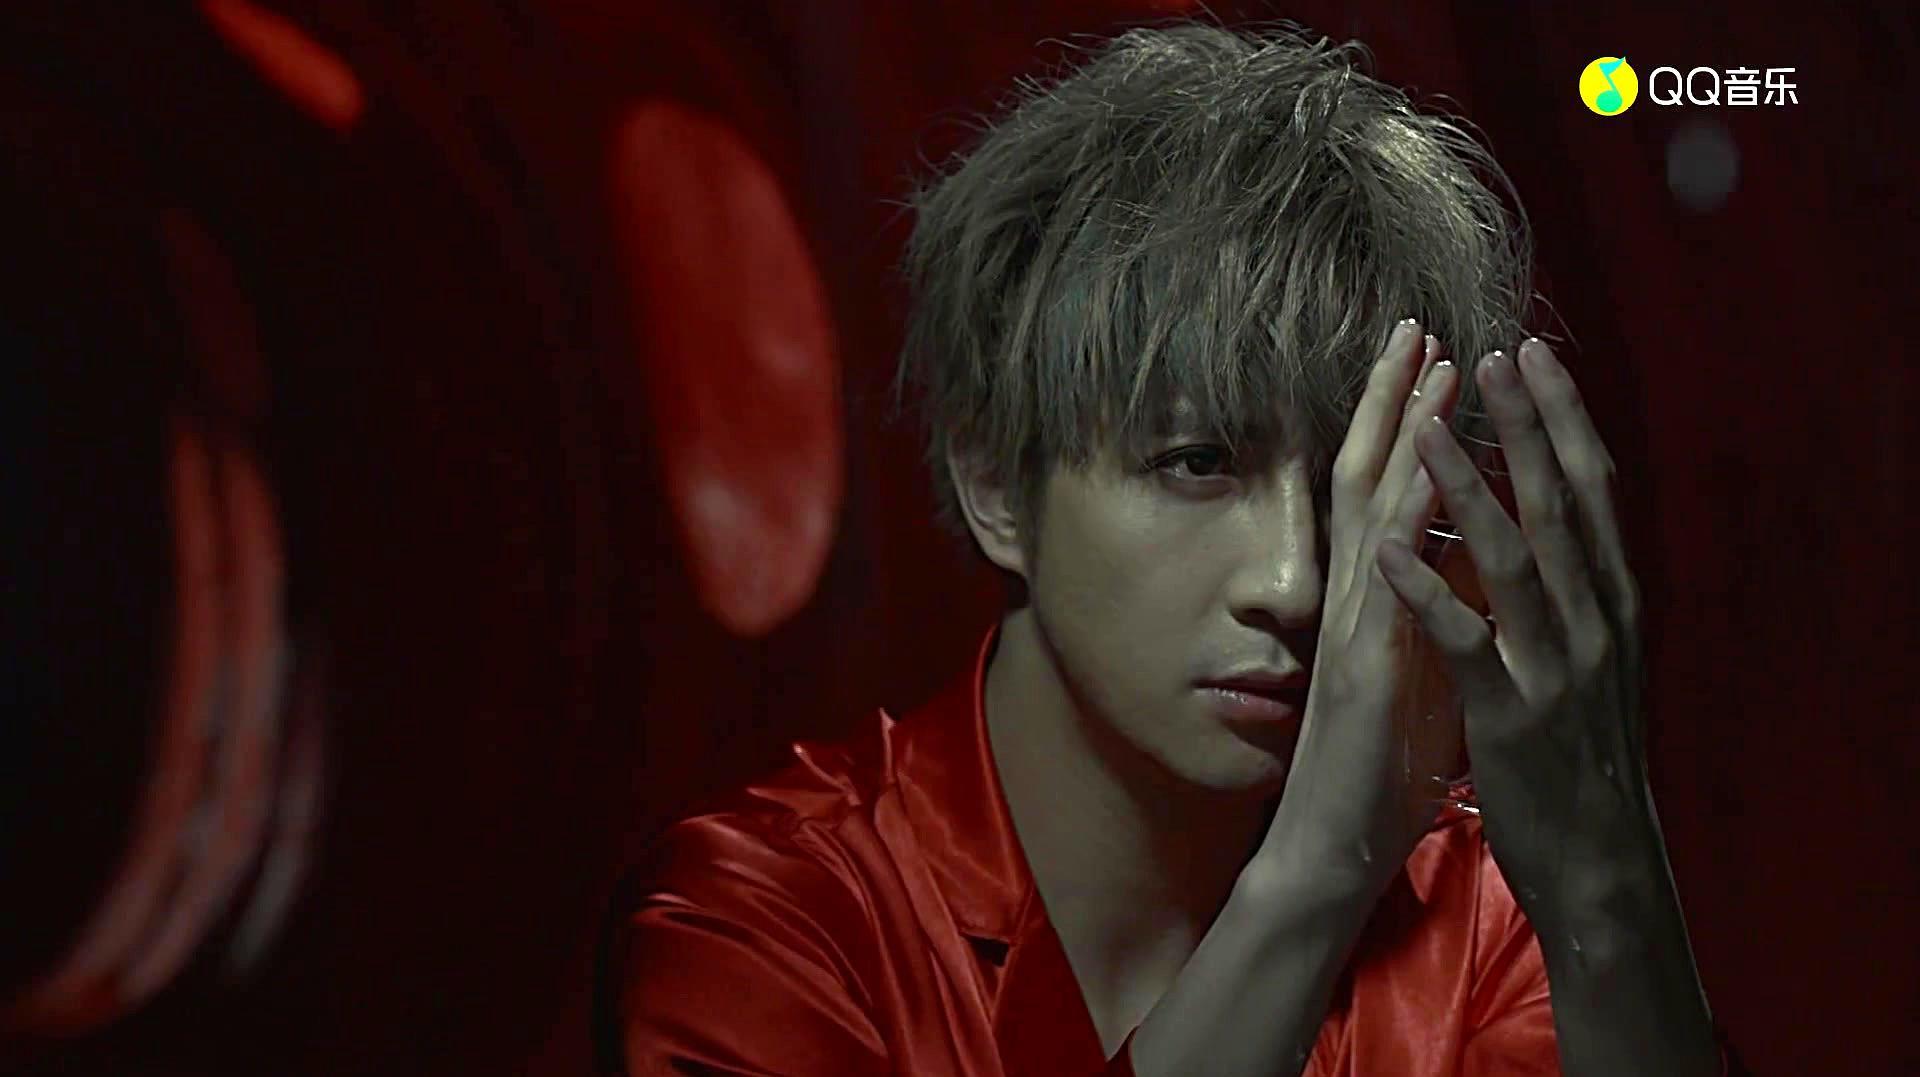 薛之谦的这个MV,这应该就是他理解的爱情,很多人都看不懂